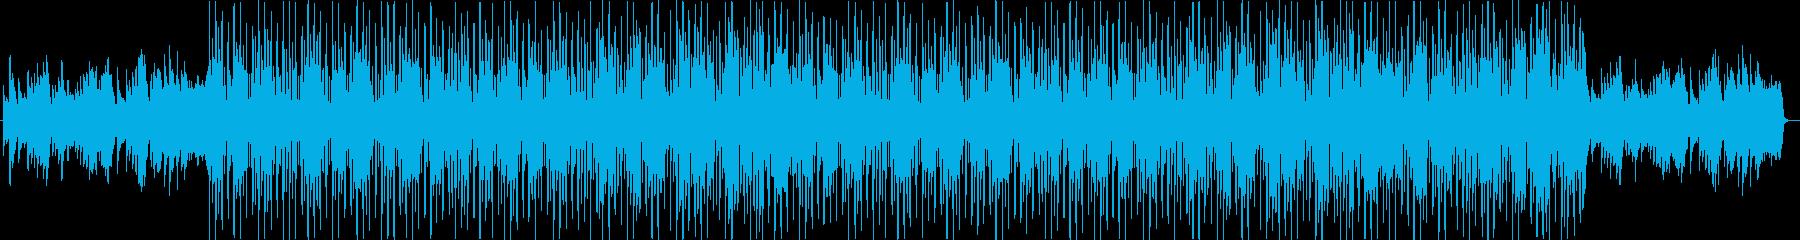 切ないクラシックなリズムトラックの再生済みの波形